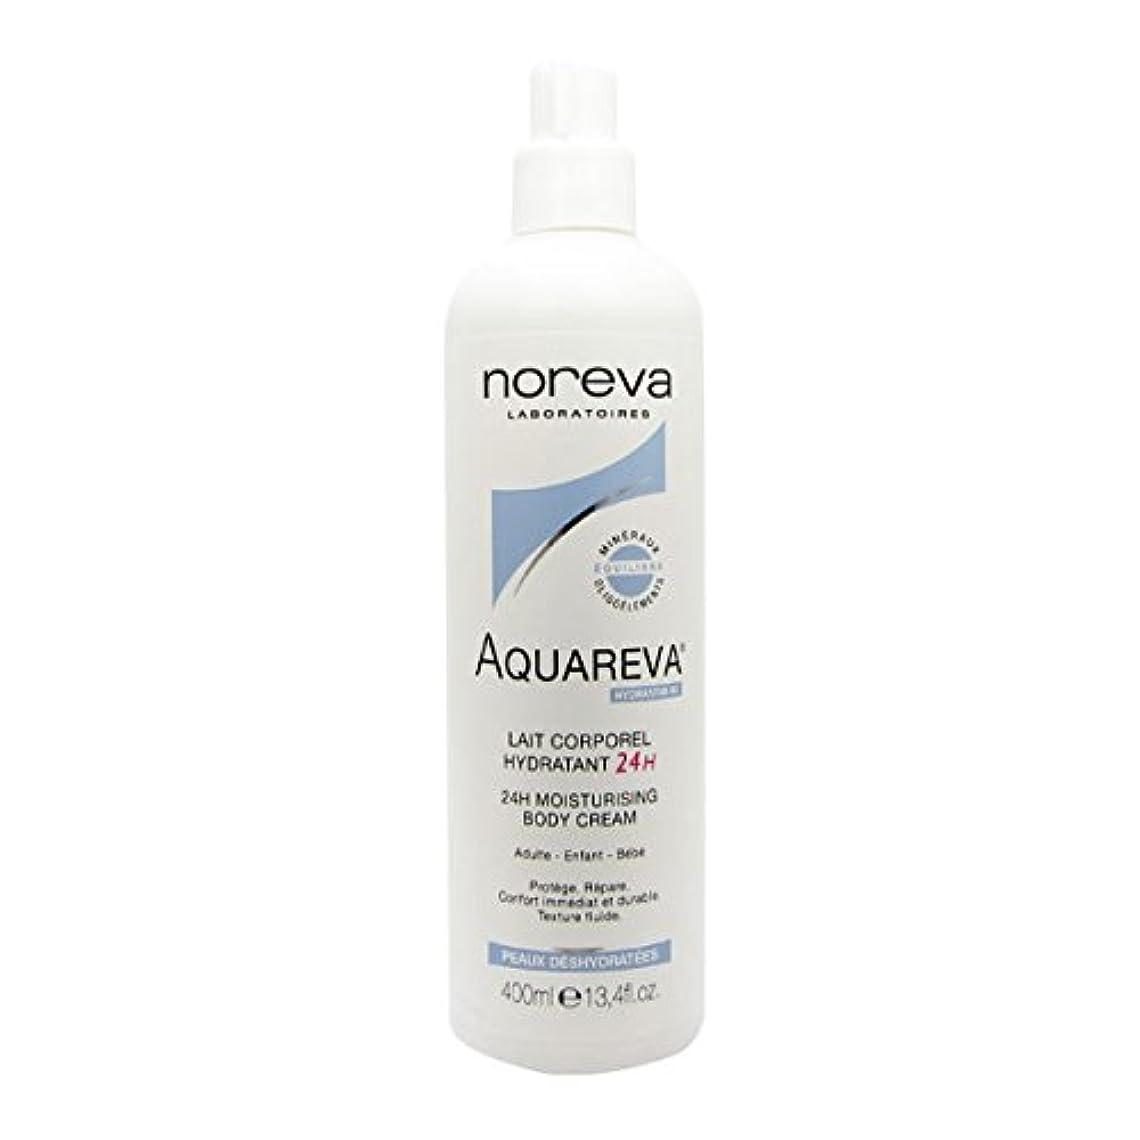 むしゃむしゃ世界の窓知っているに立ち寄るNoreva Aquareva Hydrating Body Milk 400ml [並行輸入品]